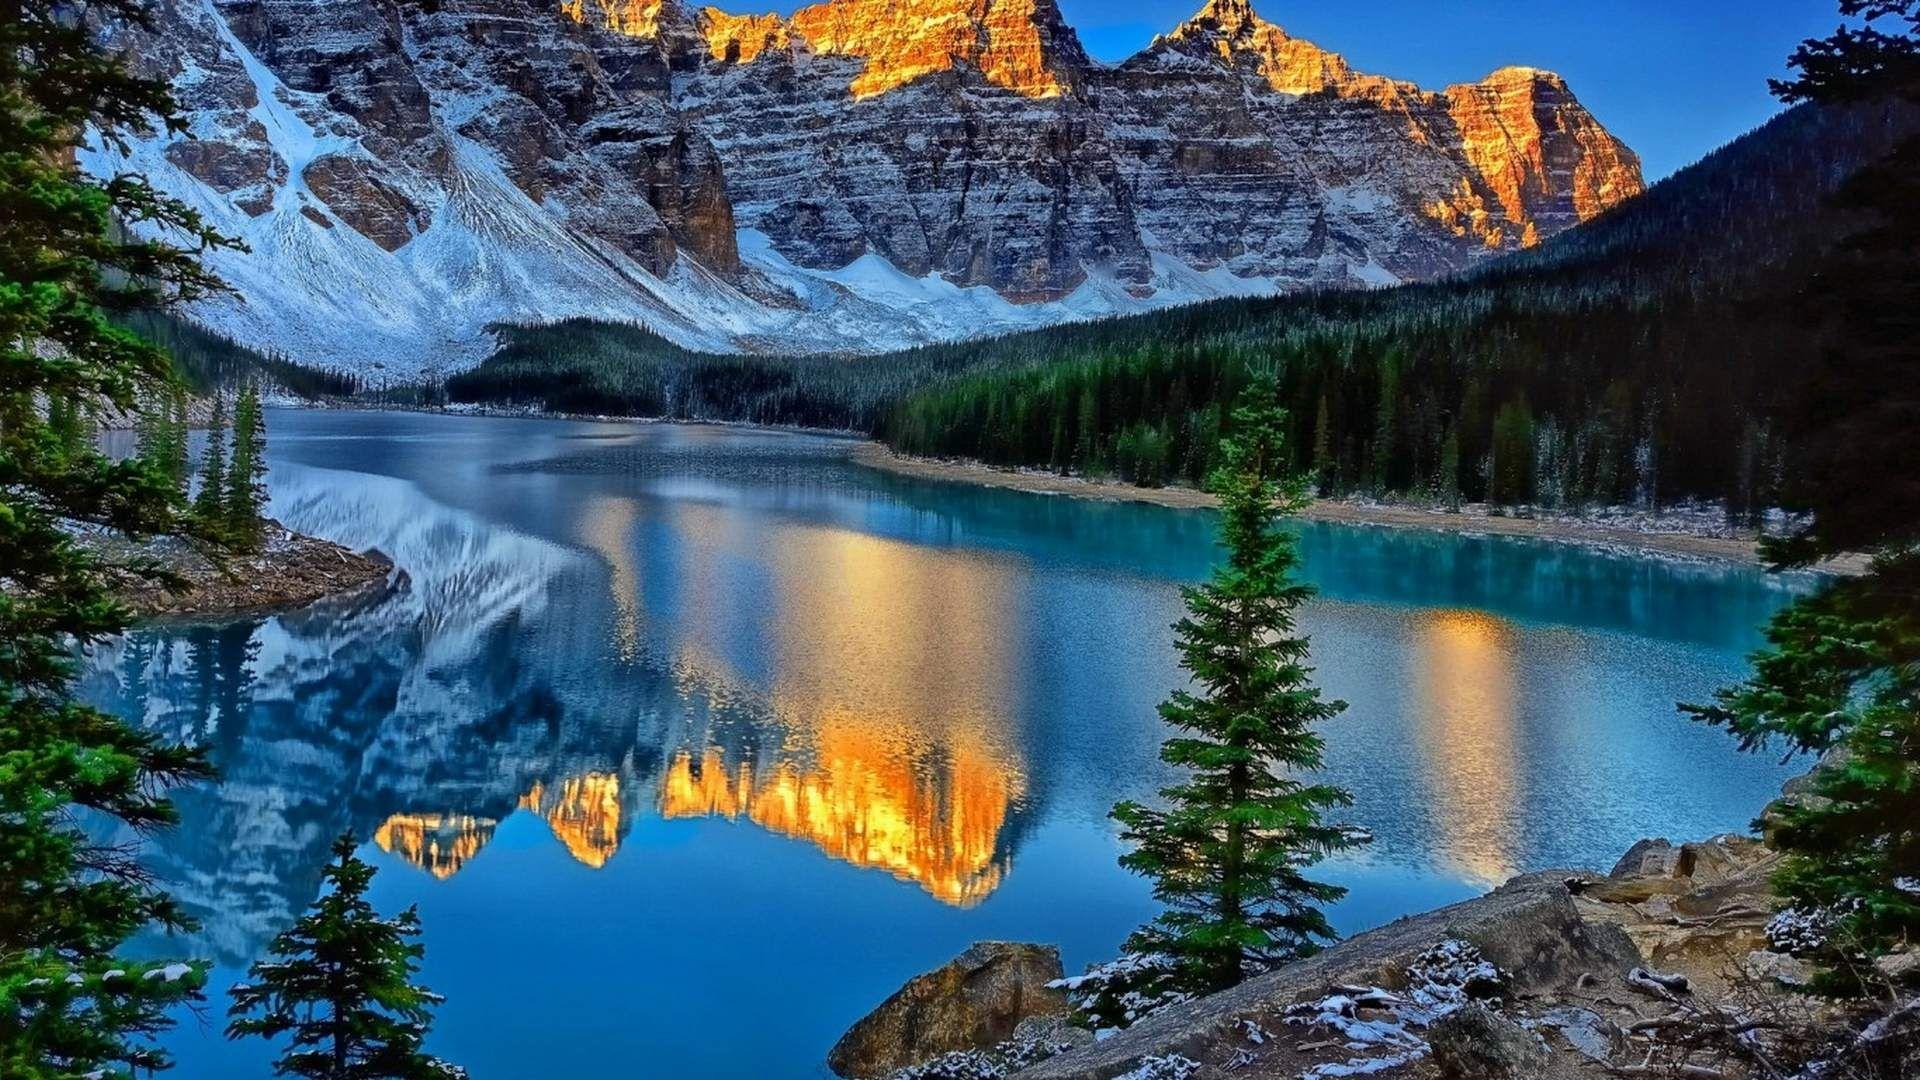 Moraine Lake Canada Wallpaper Hd Download For Desktop